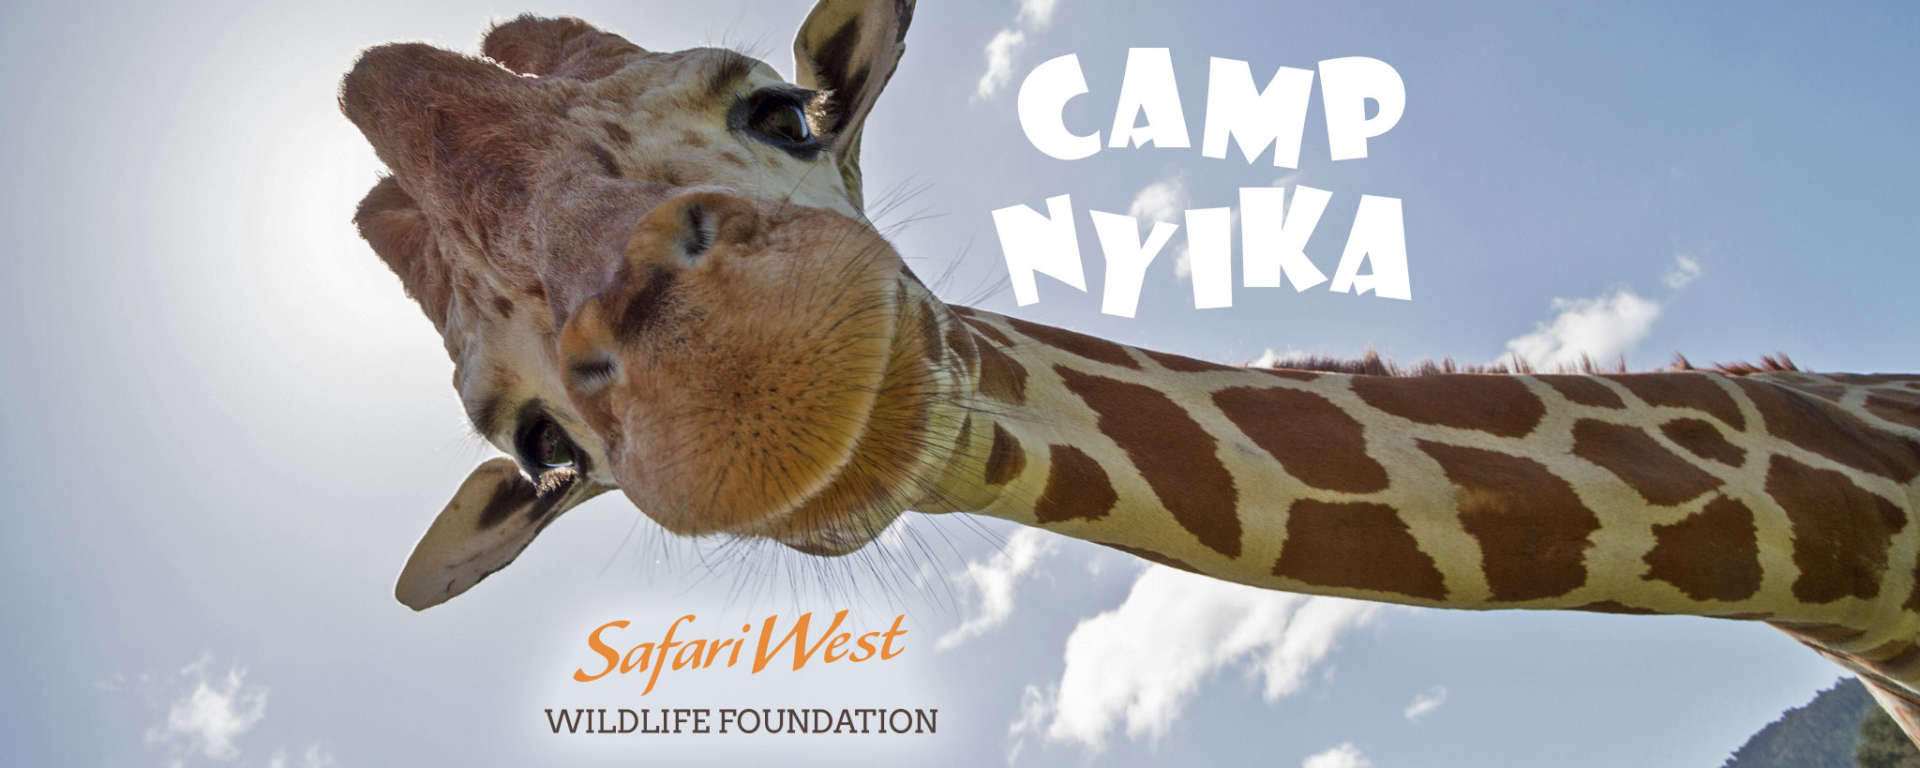 Summer Kid's Camp Nyika